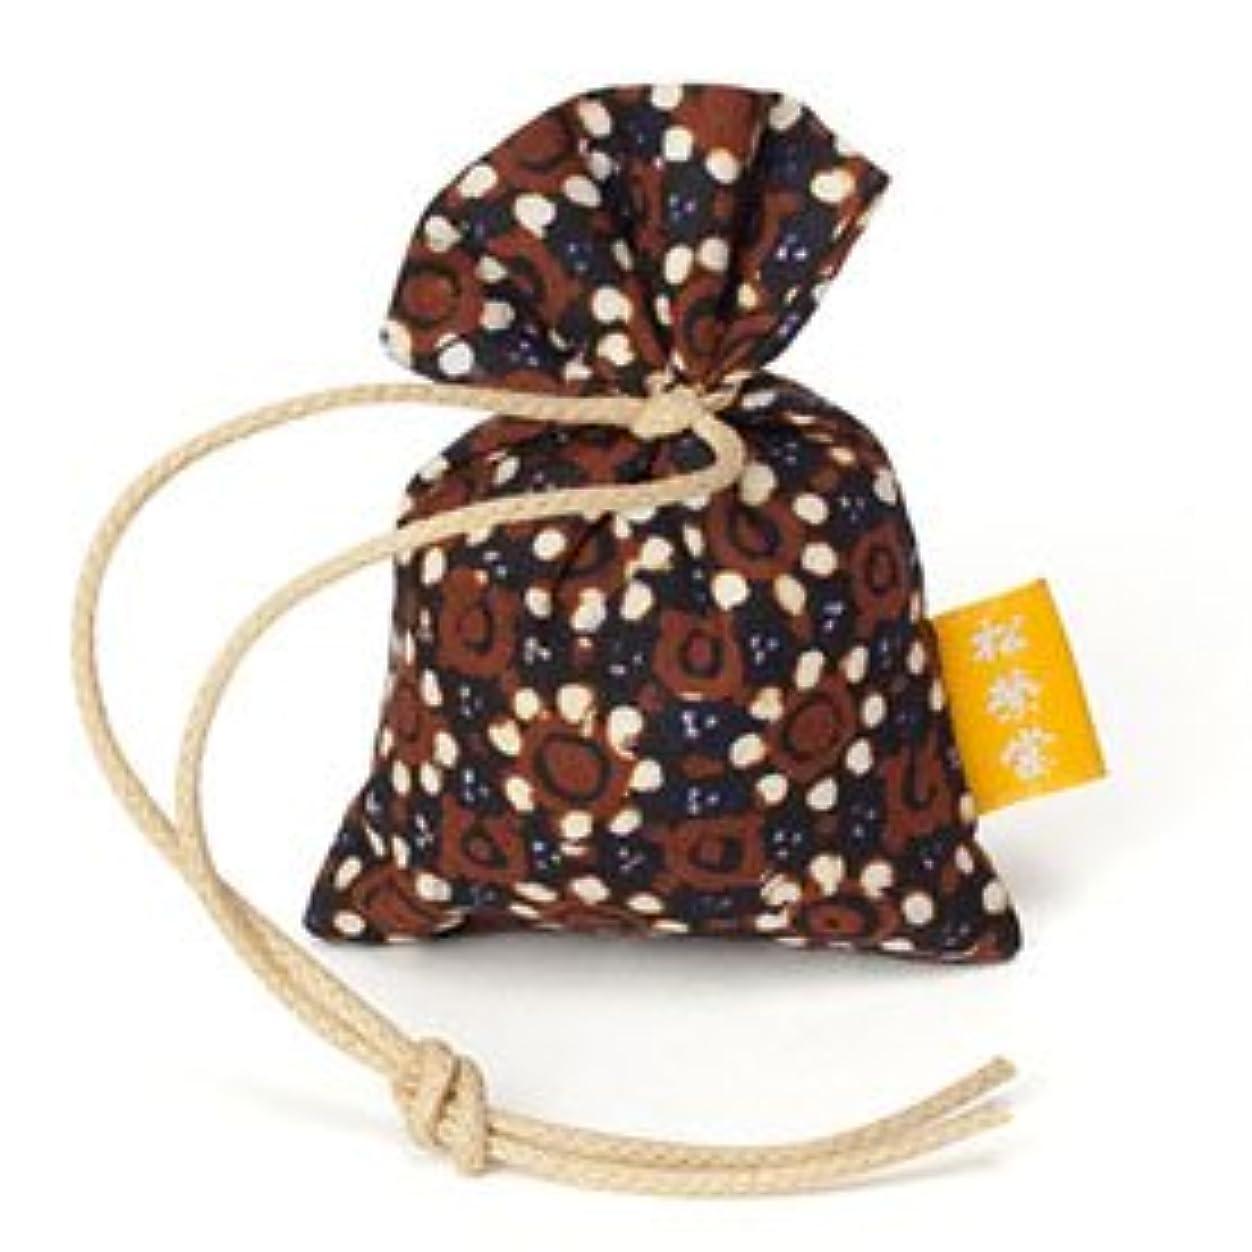 コマンド強調空白匂い袋 誰が袖 渡 バティック わたる 1個入 松栄堂 Shoyeido 本体長さ60mm